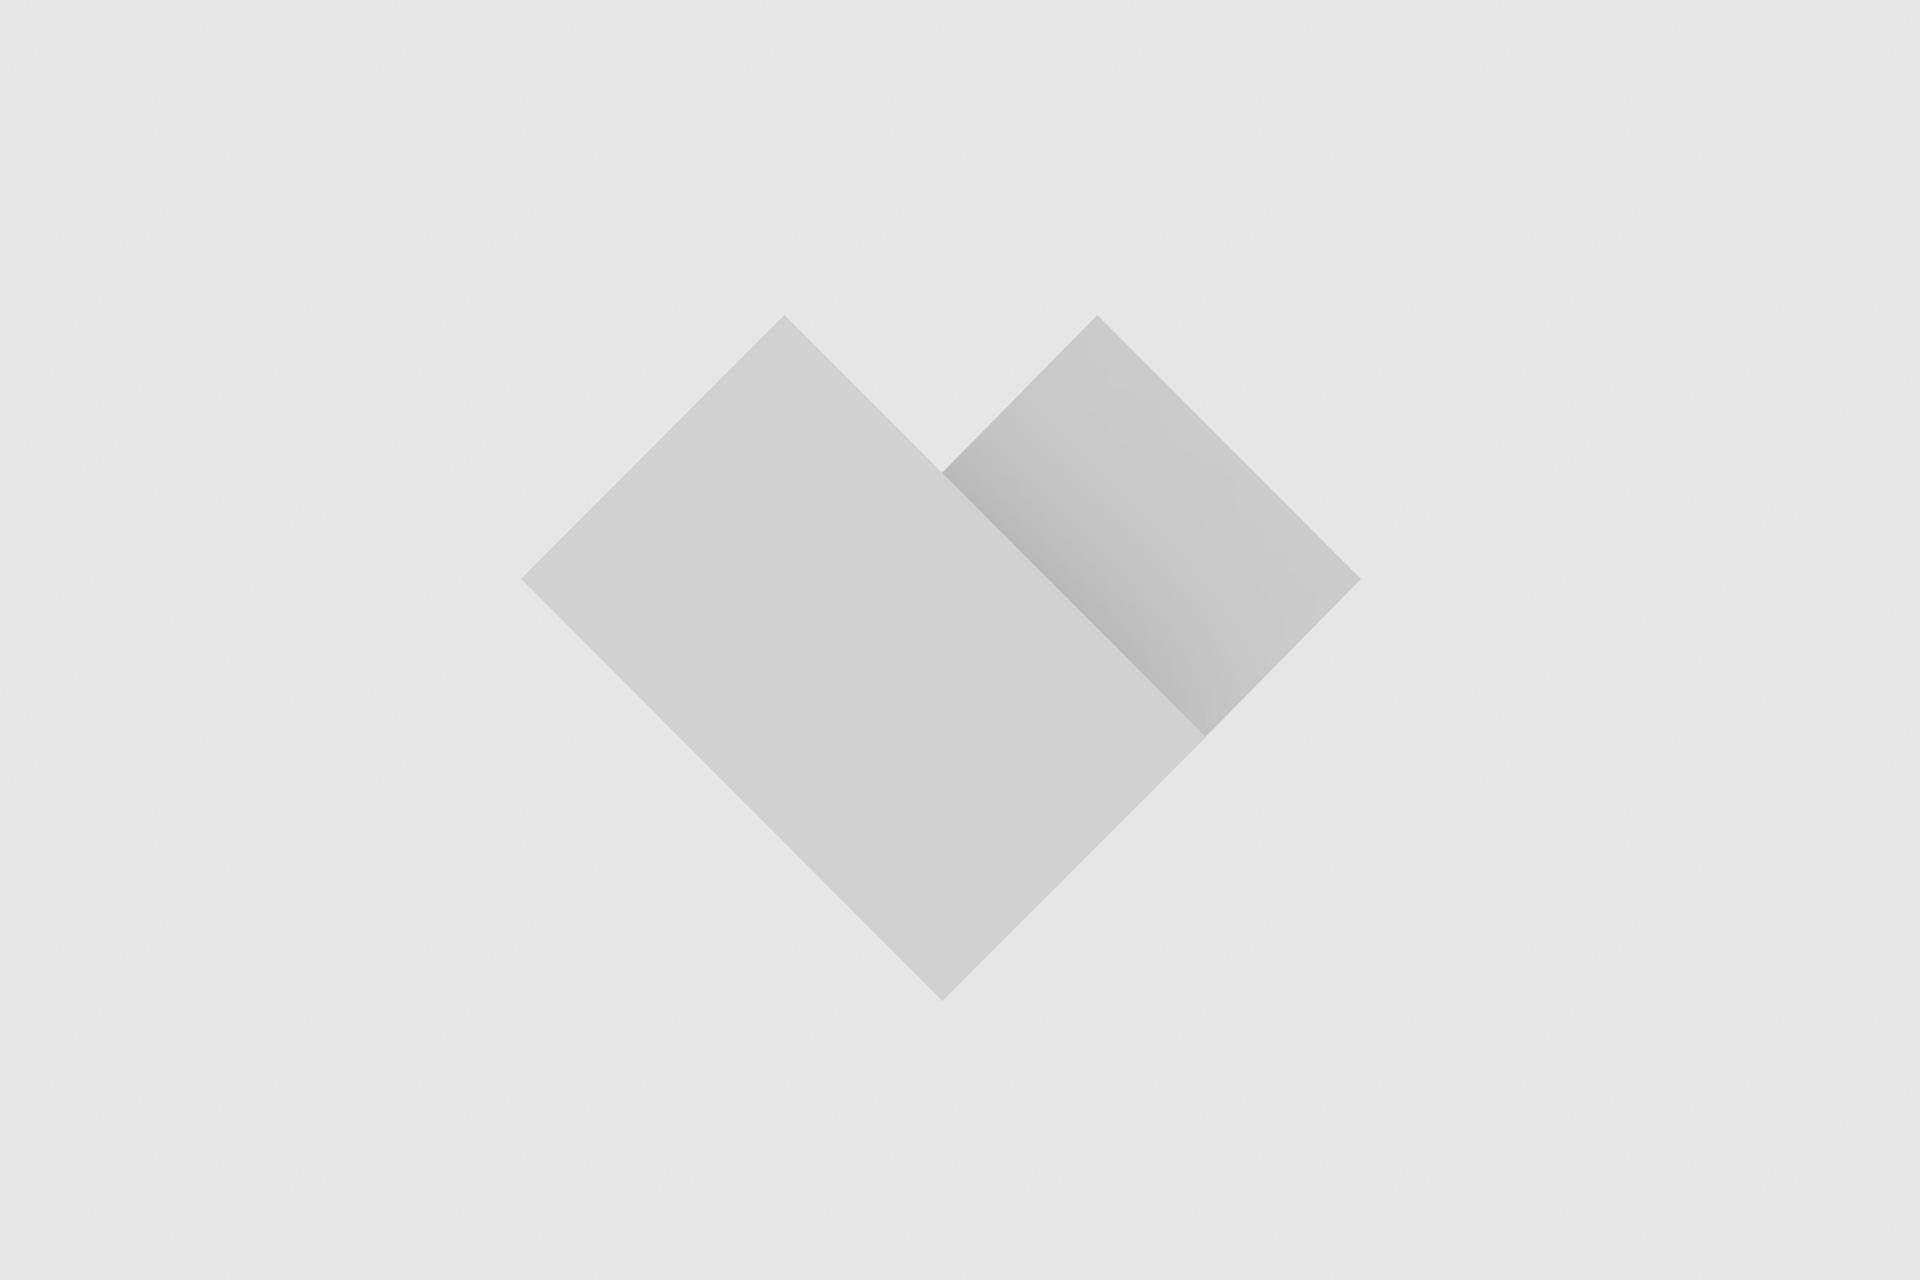 מלון דירות בפראג פור טריז – Four Trees